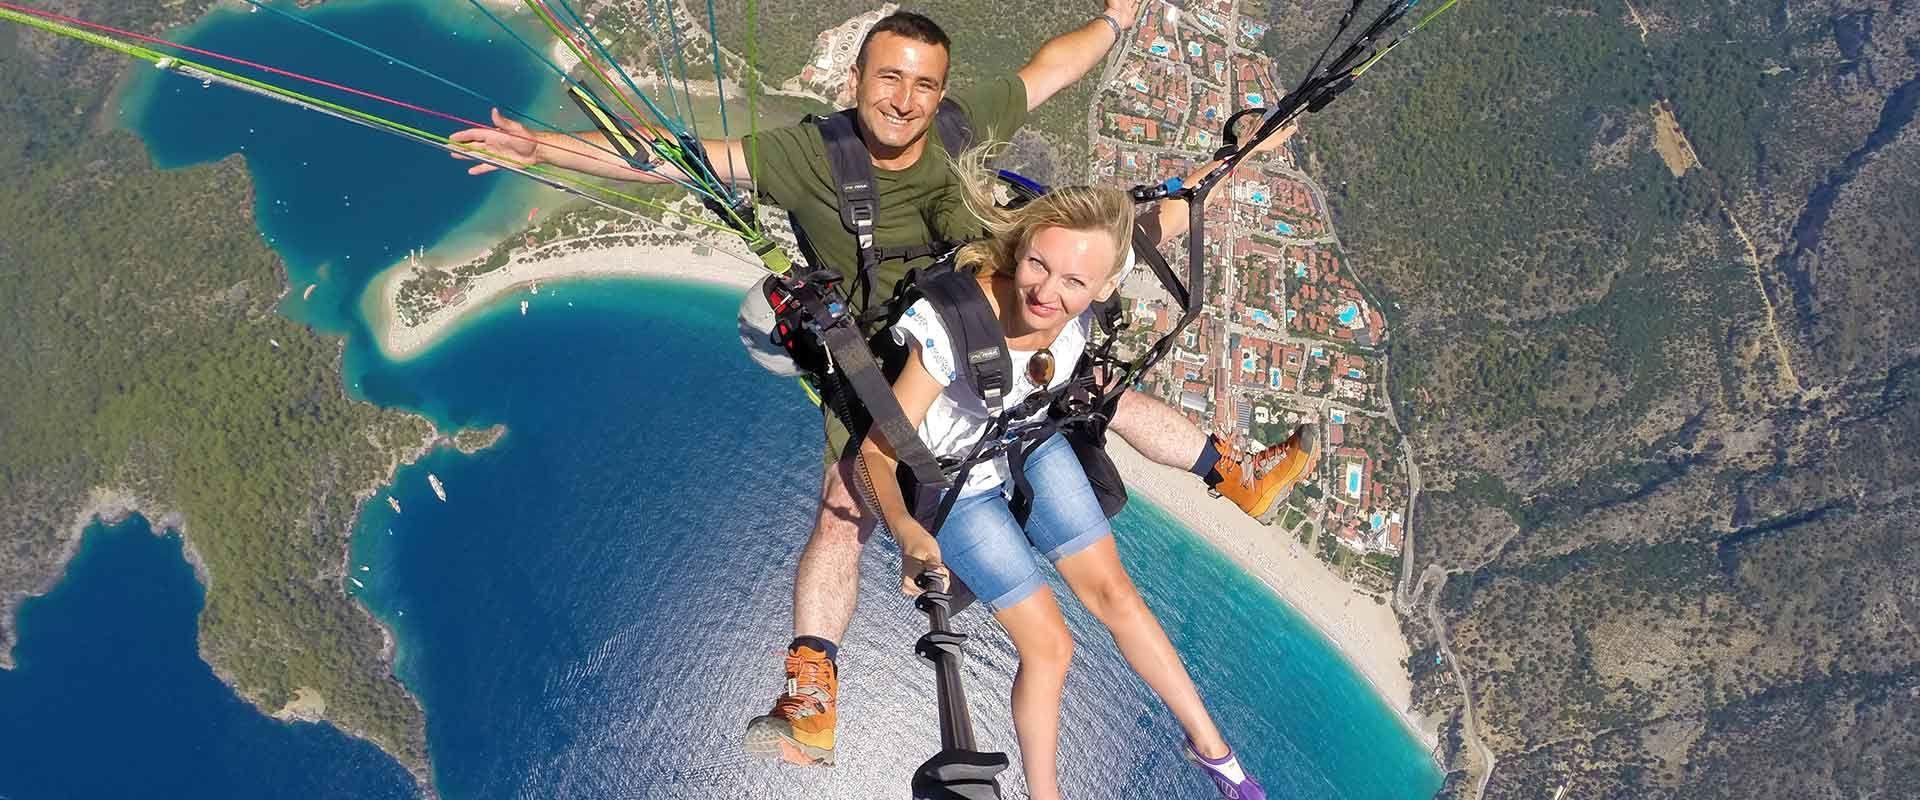 Yamaç Paraşütü | Tandem Uçuş Eğitimi | FlyMarmara